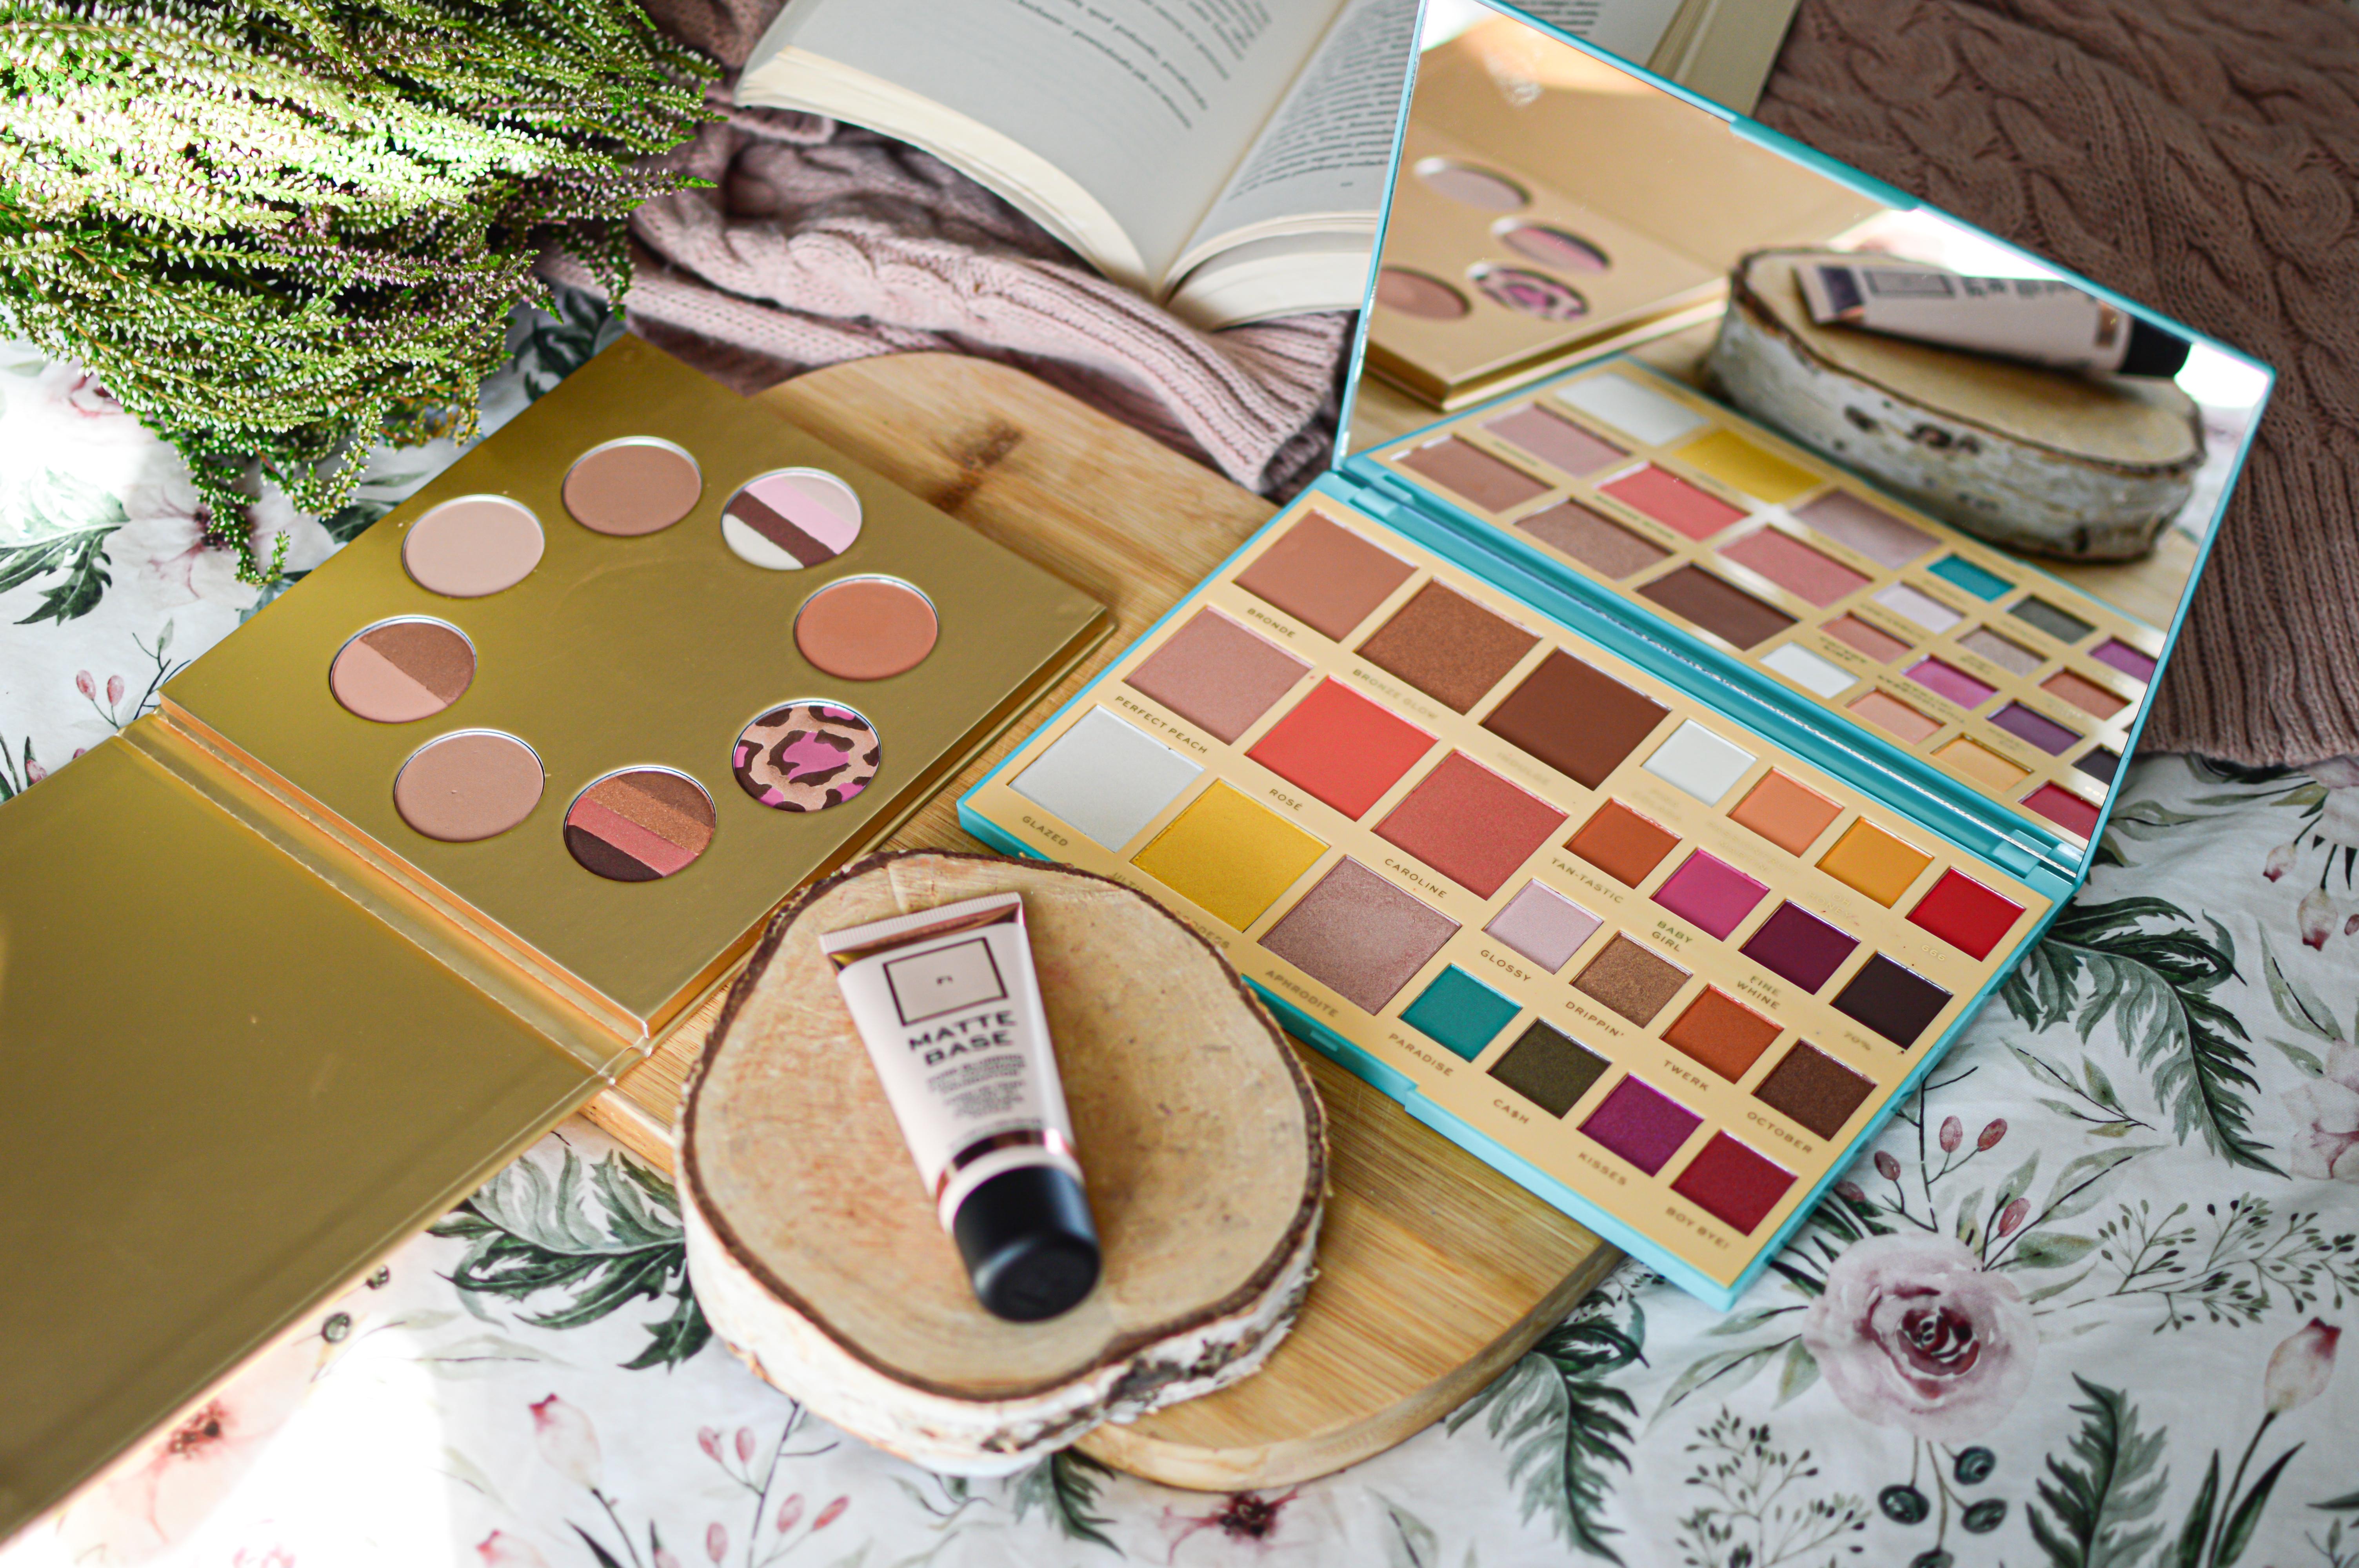 kosmetyki zameryki promocja - 60 %